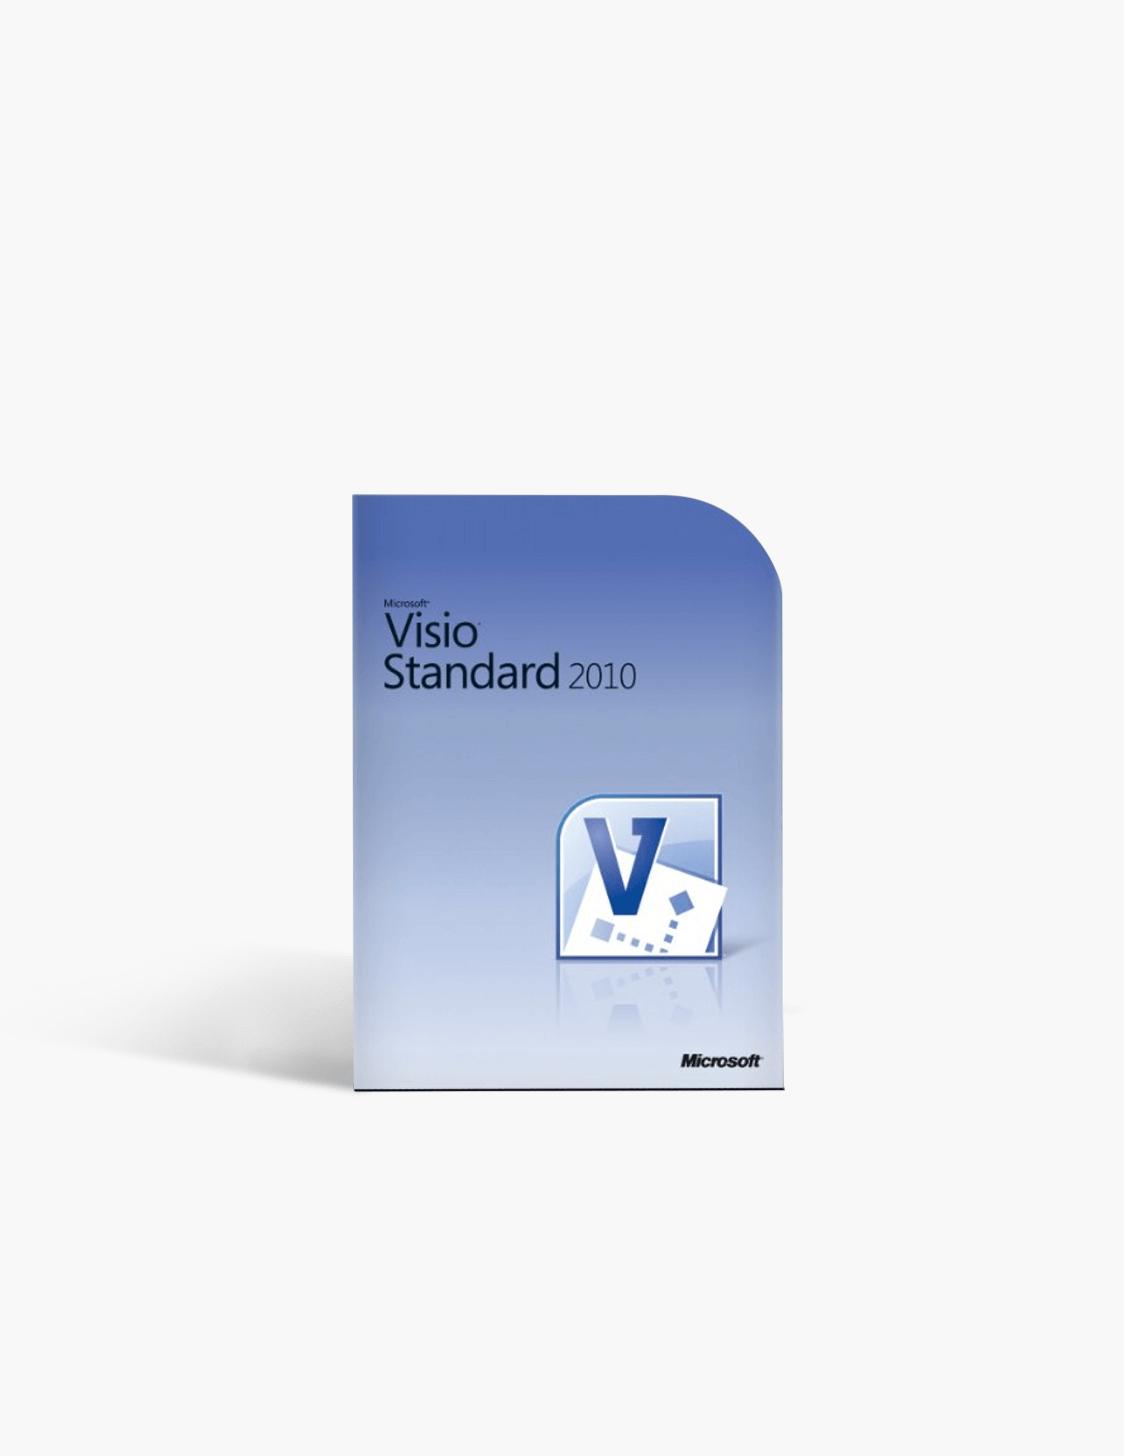 compare visio standard vs professional 2013